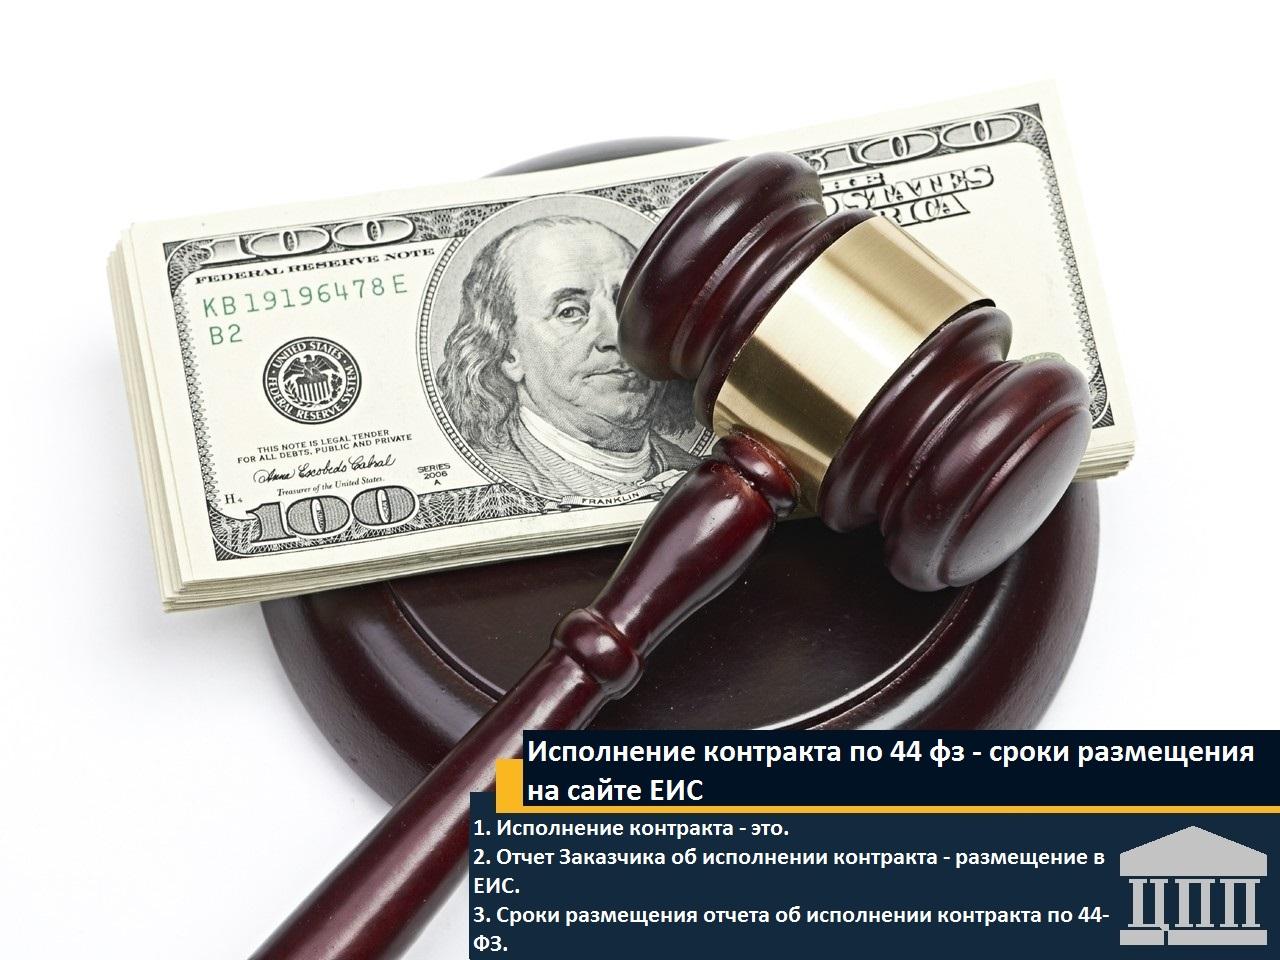 Сроки размещения контракта на сайте госзакупок по 44 фз